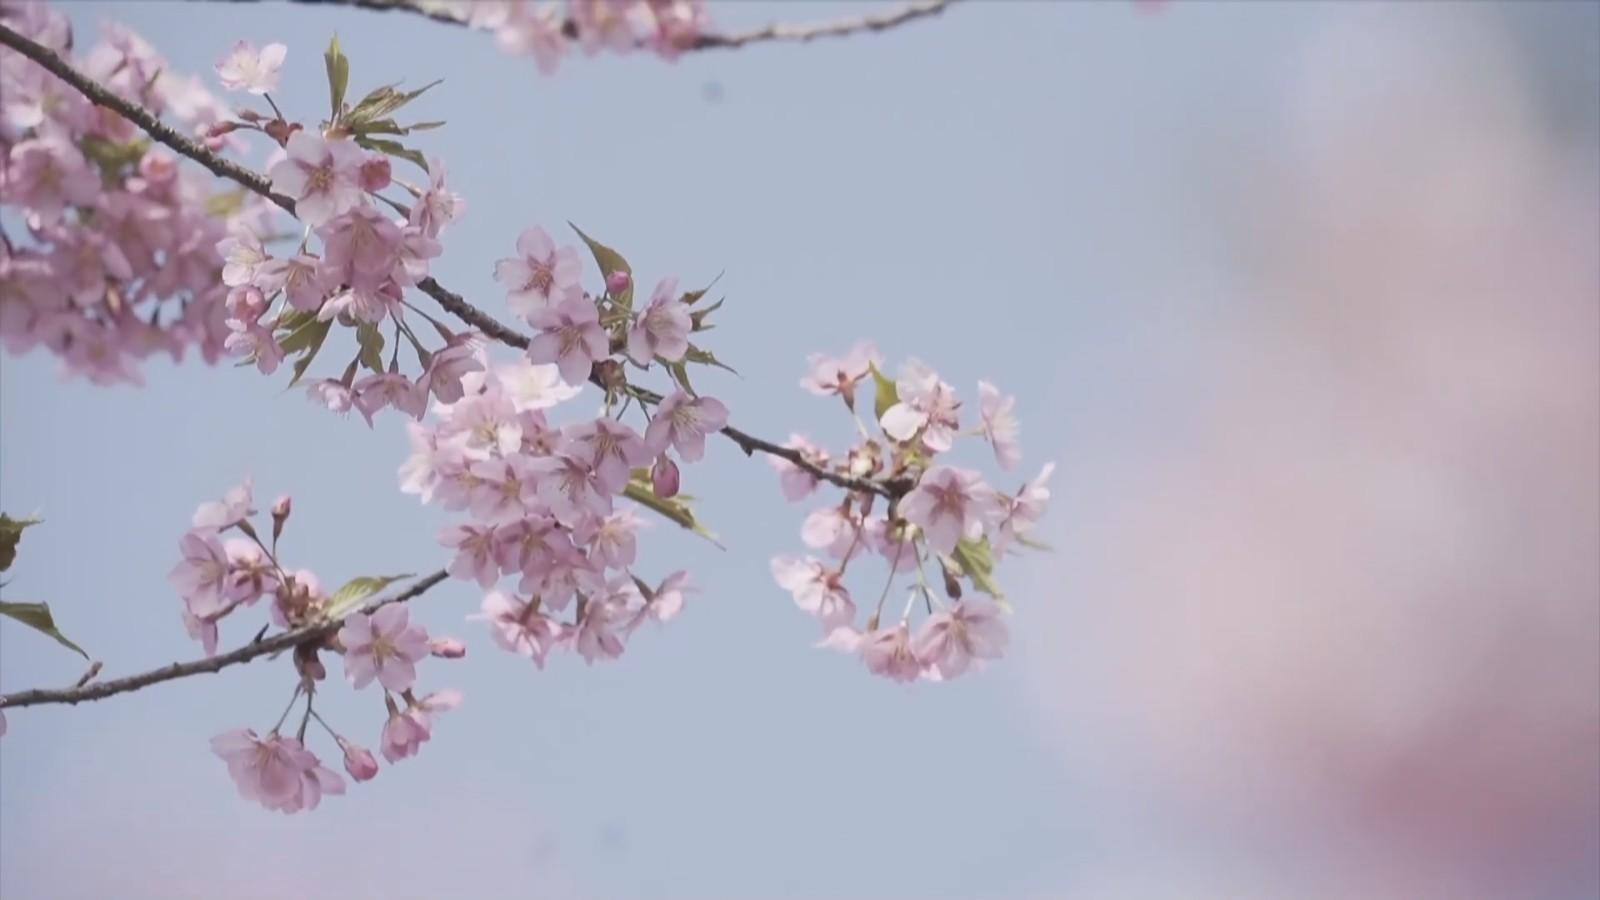 上海:又到一年樱花盛开时!